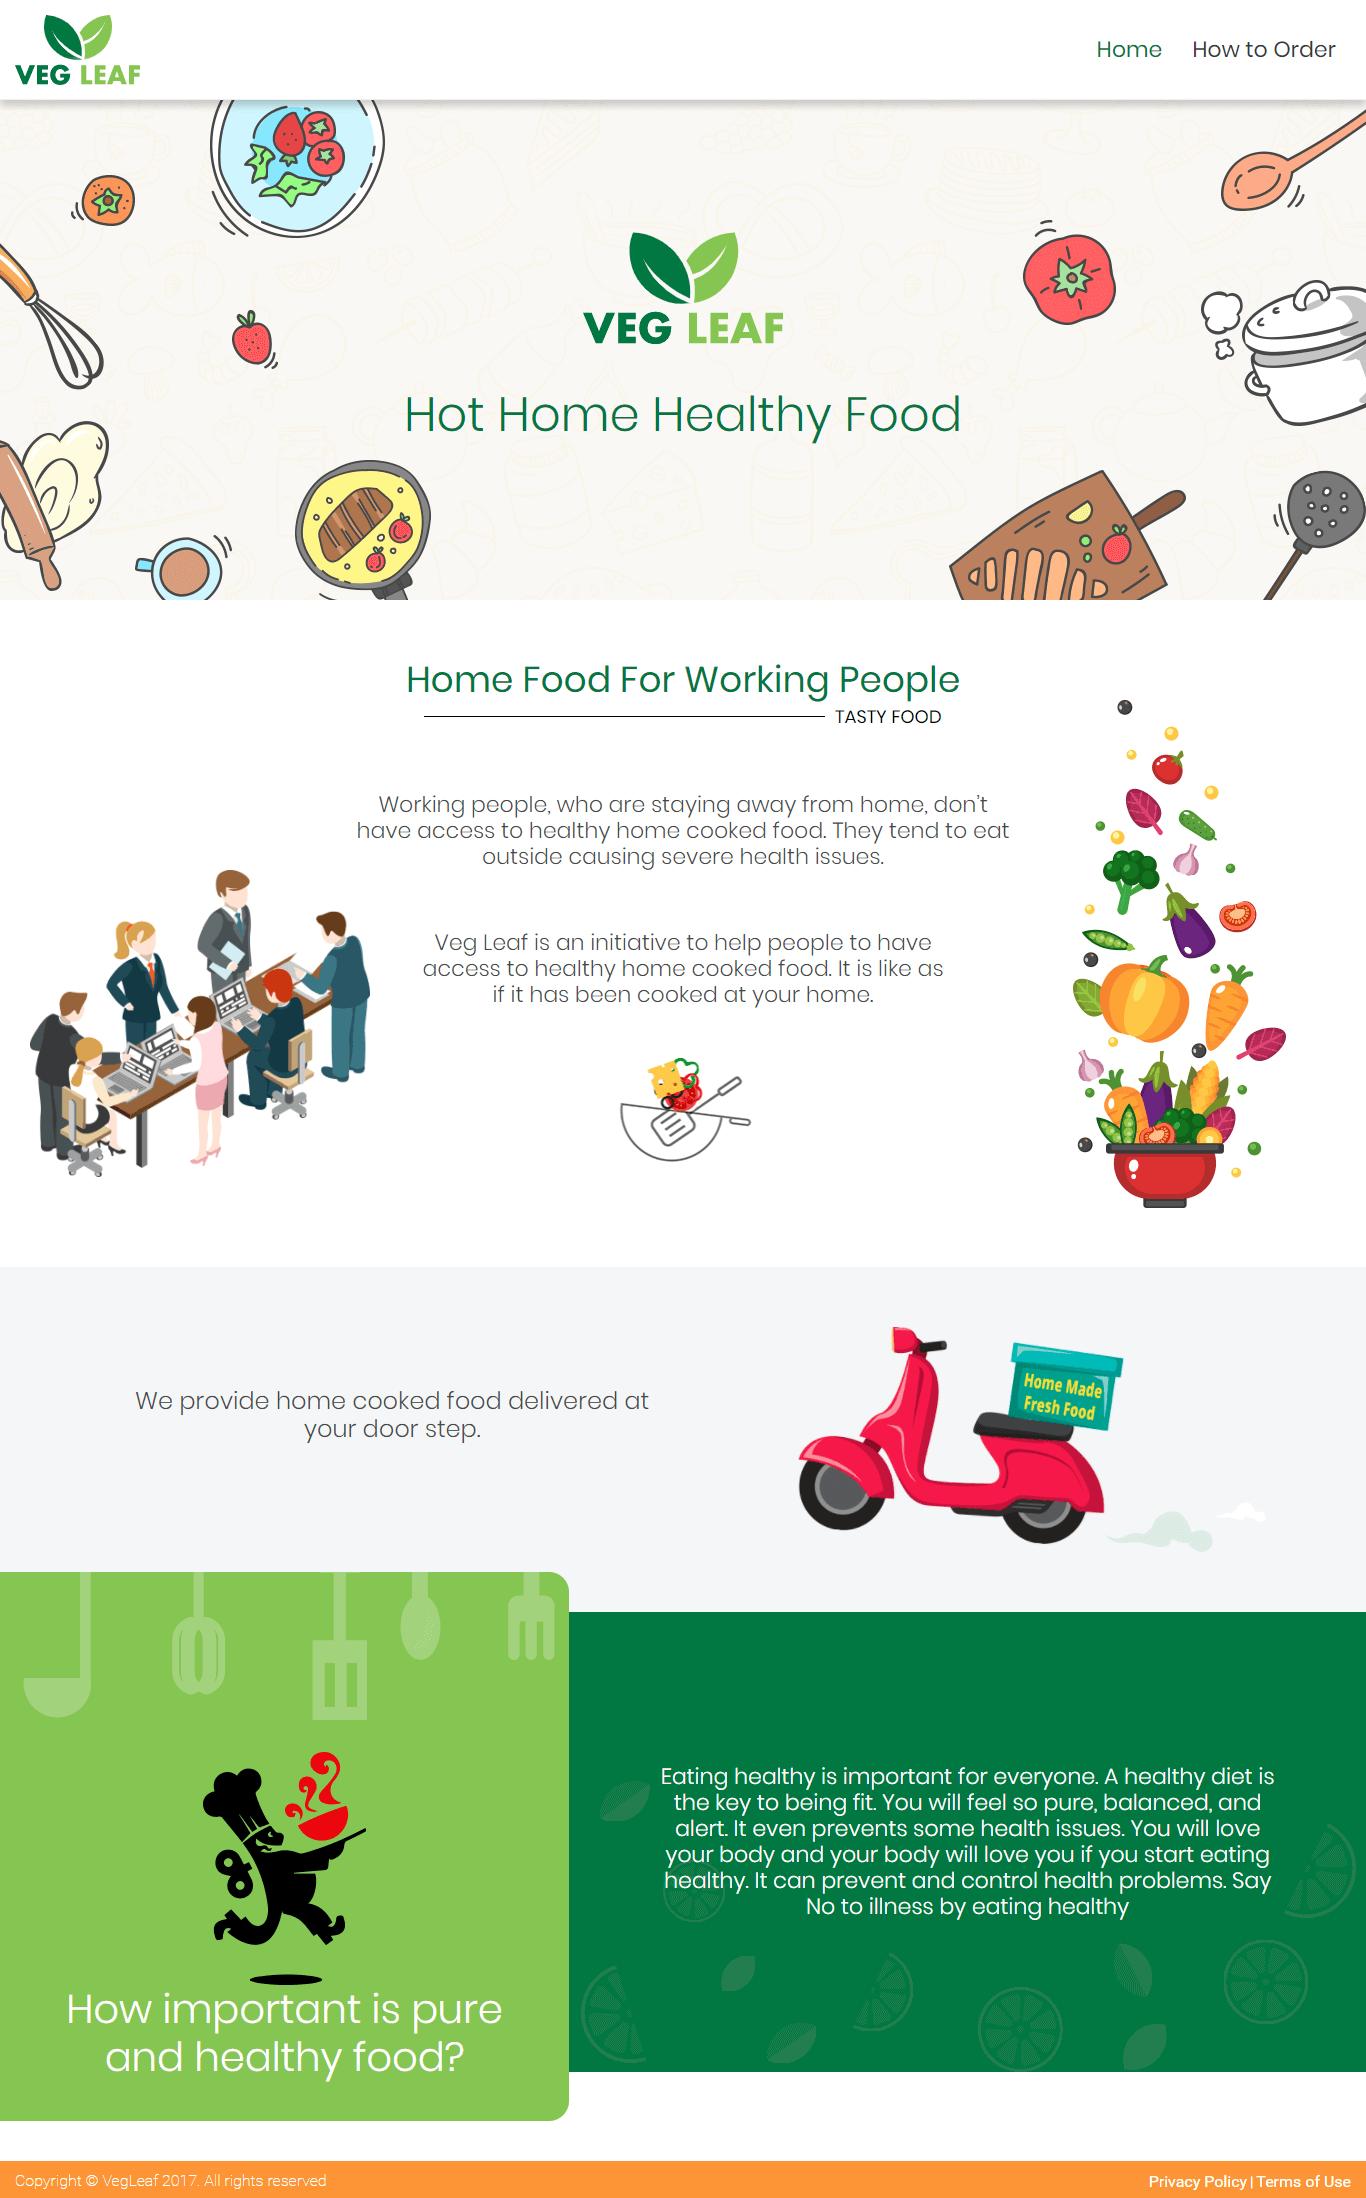 Veg Leaf Food Ordering Platform